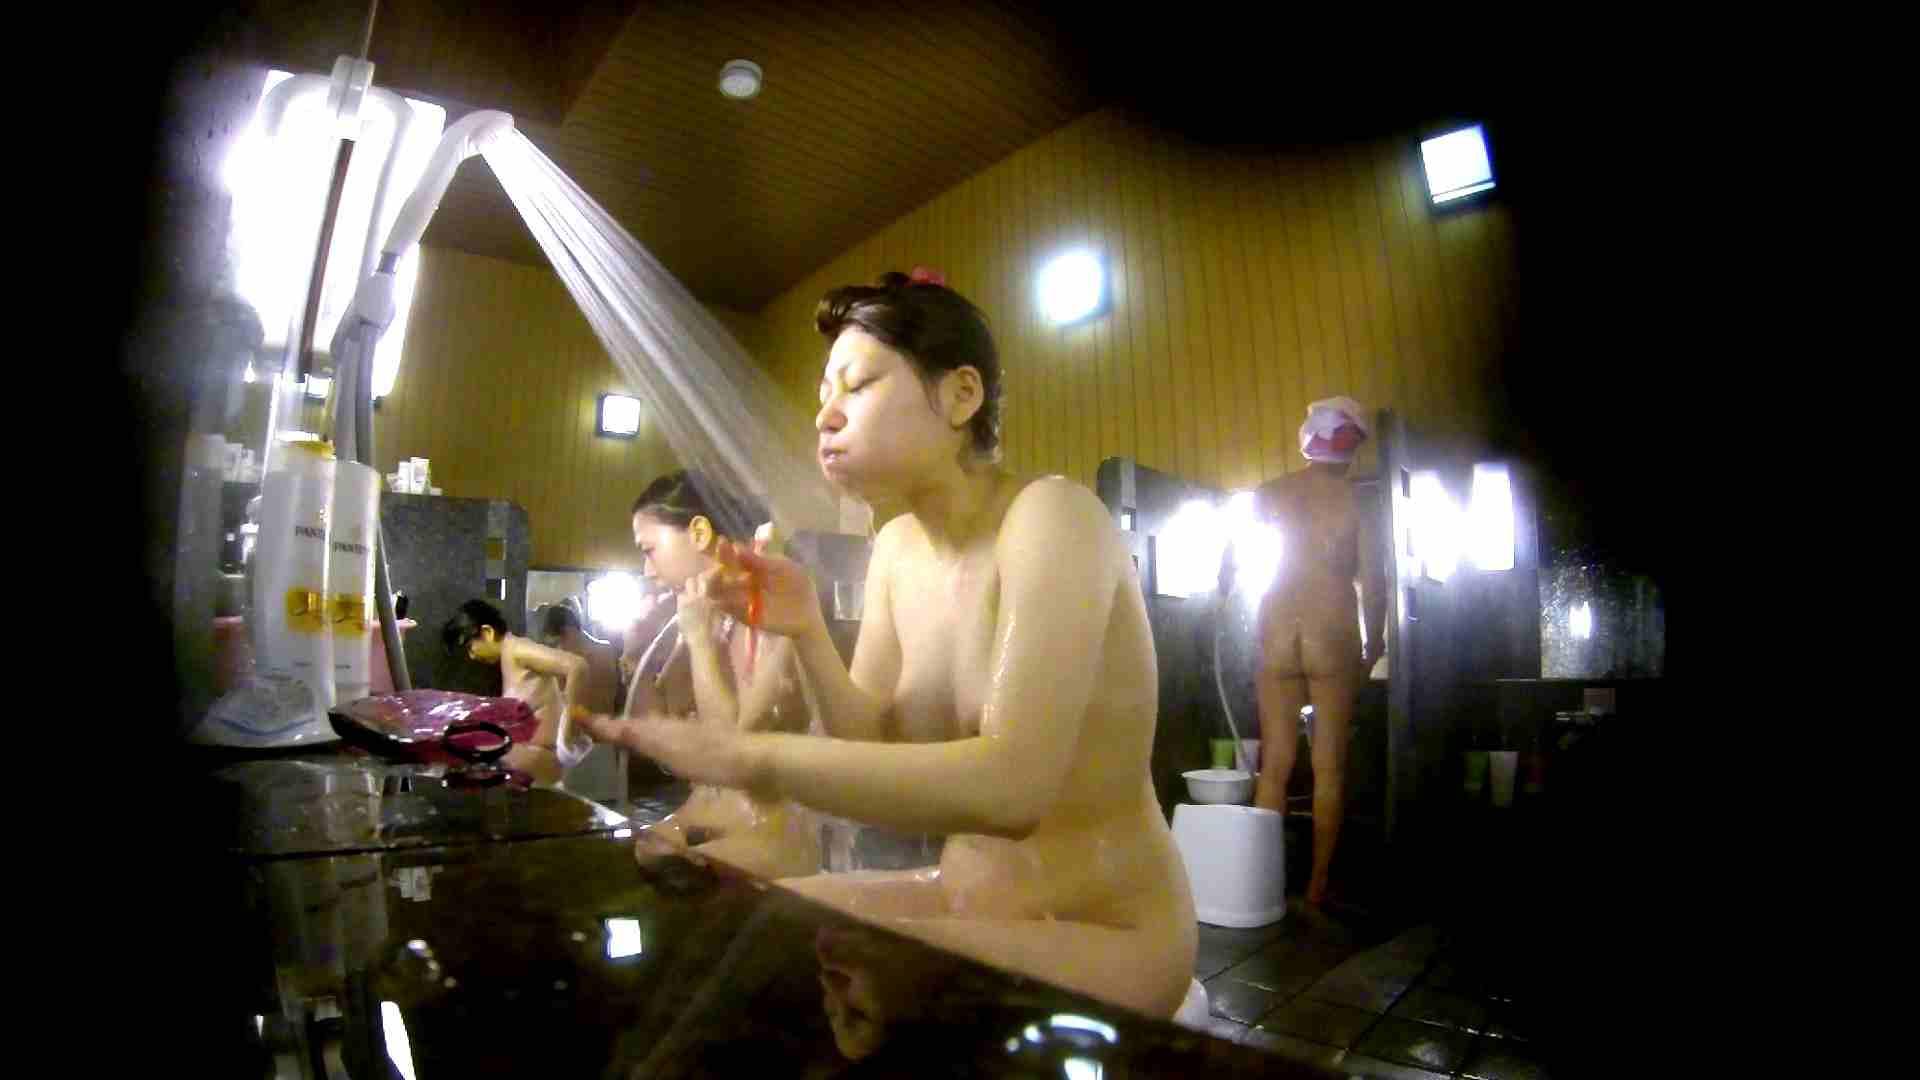 巨乳 乳首:洗い場!柔らかそうな身体は良いけど、歯磨きが下品です。:怪盗ジョーカー